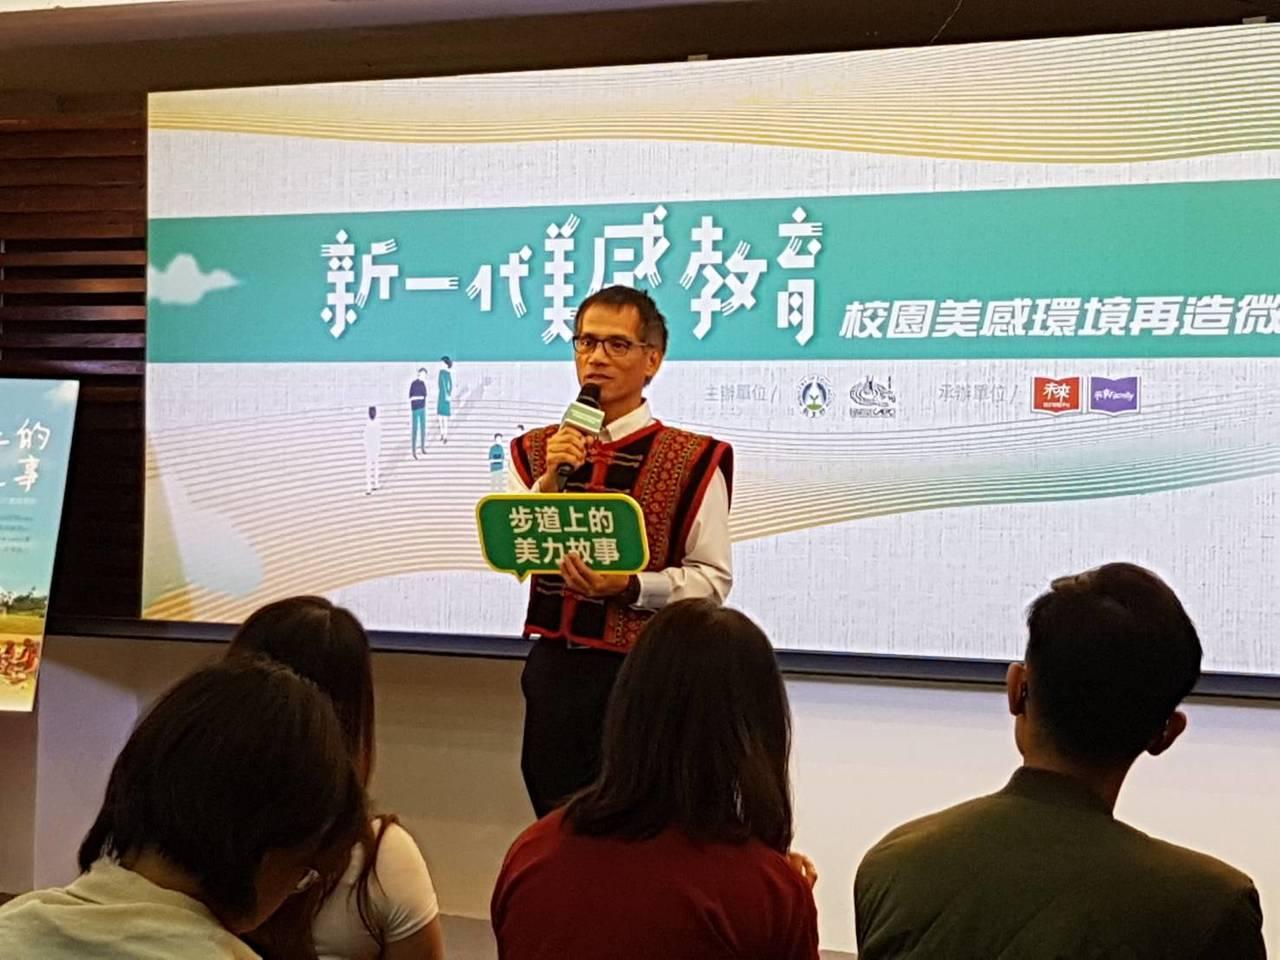 屏東縣泰武國小校長賴慶安分享校園改造點滴。記者吳佩旻/攝影